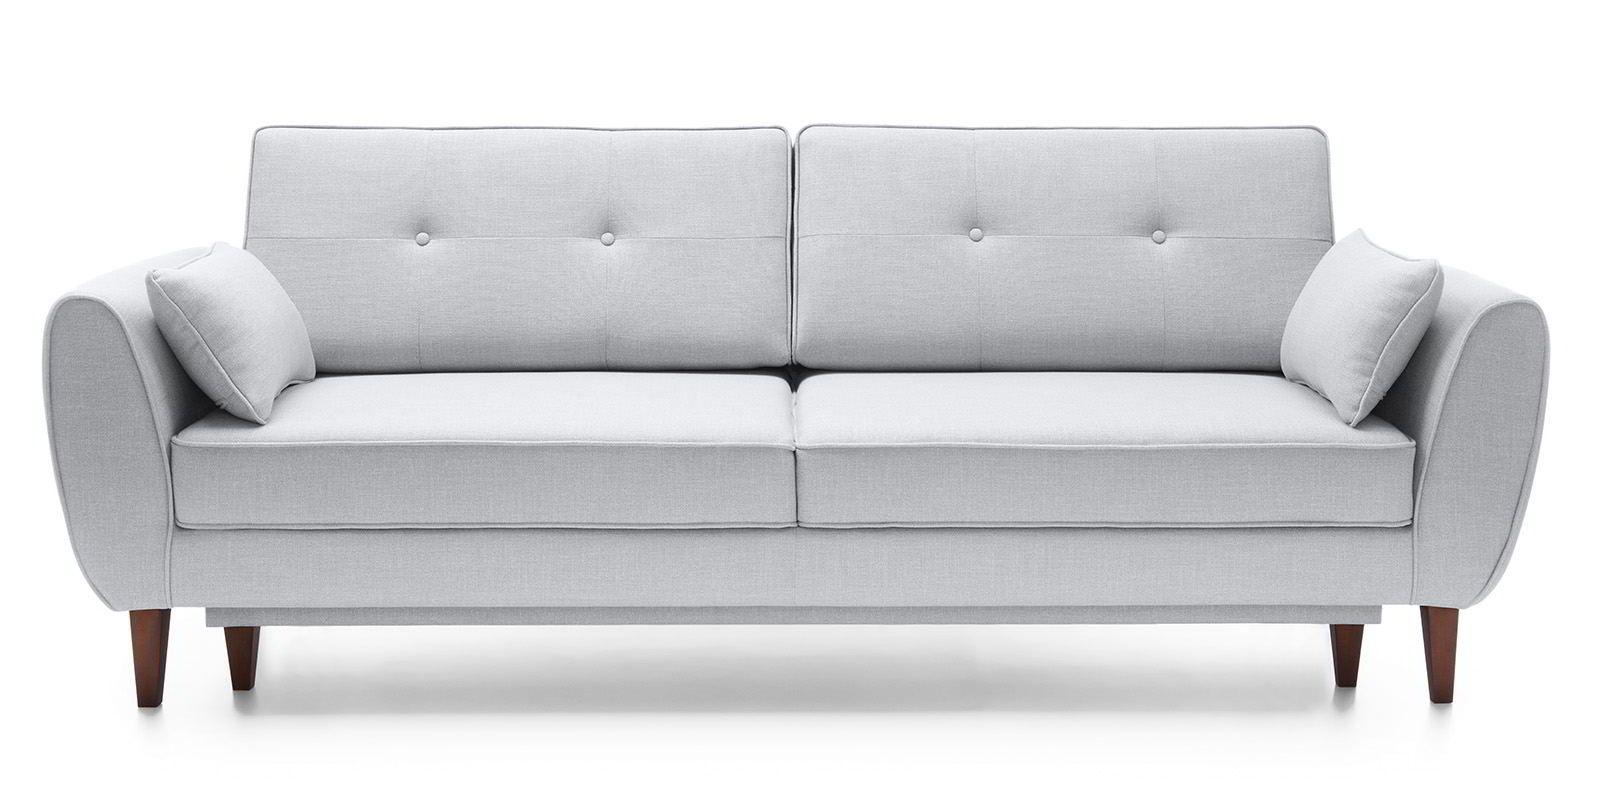 3 Sitzer Mit Schlaffunktion Und Bettkasten Mores Bettfunktion Moebella24 Sofa Mit Schlaffunktion Couch Bequemes Sofa